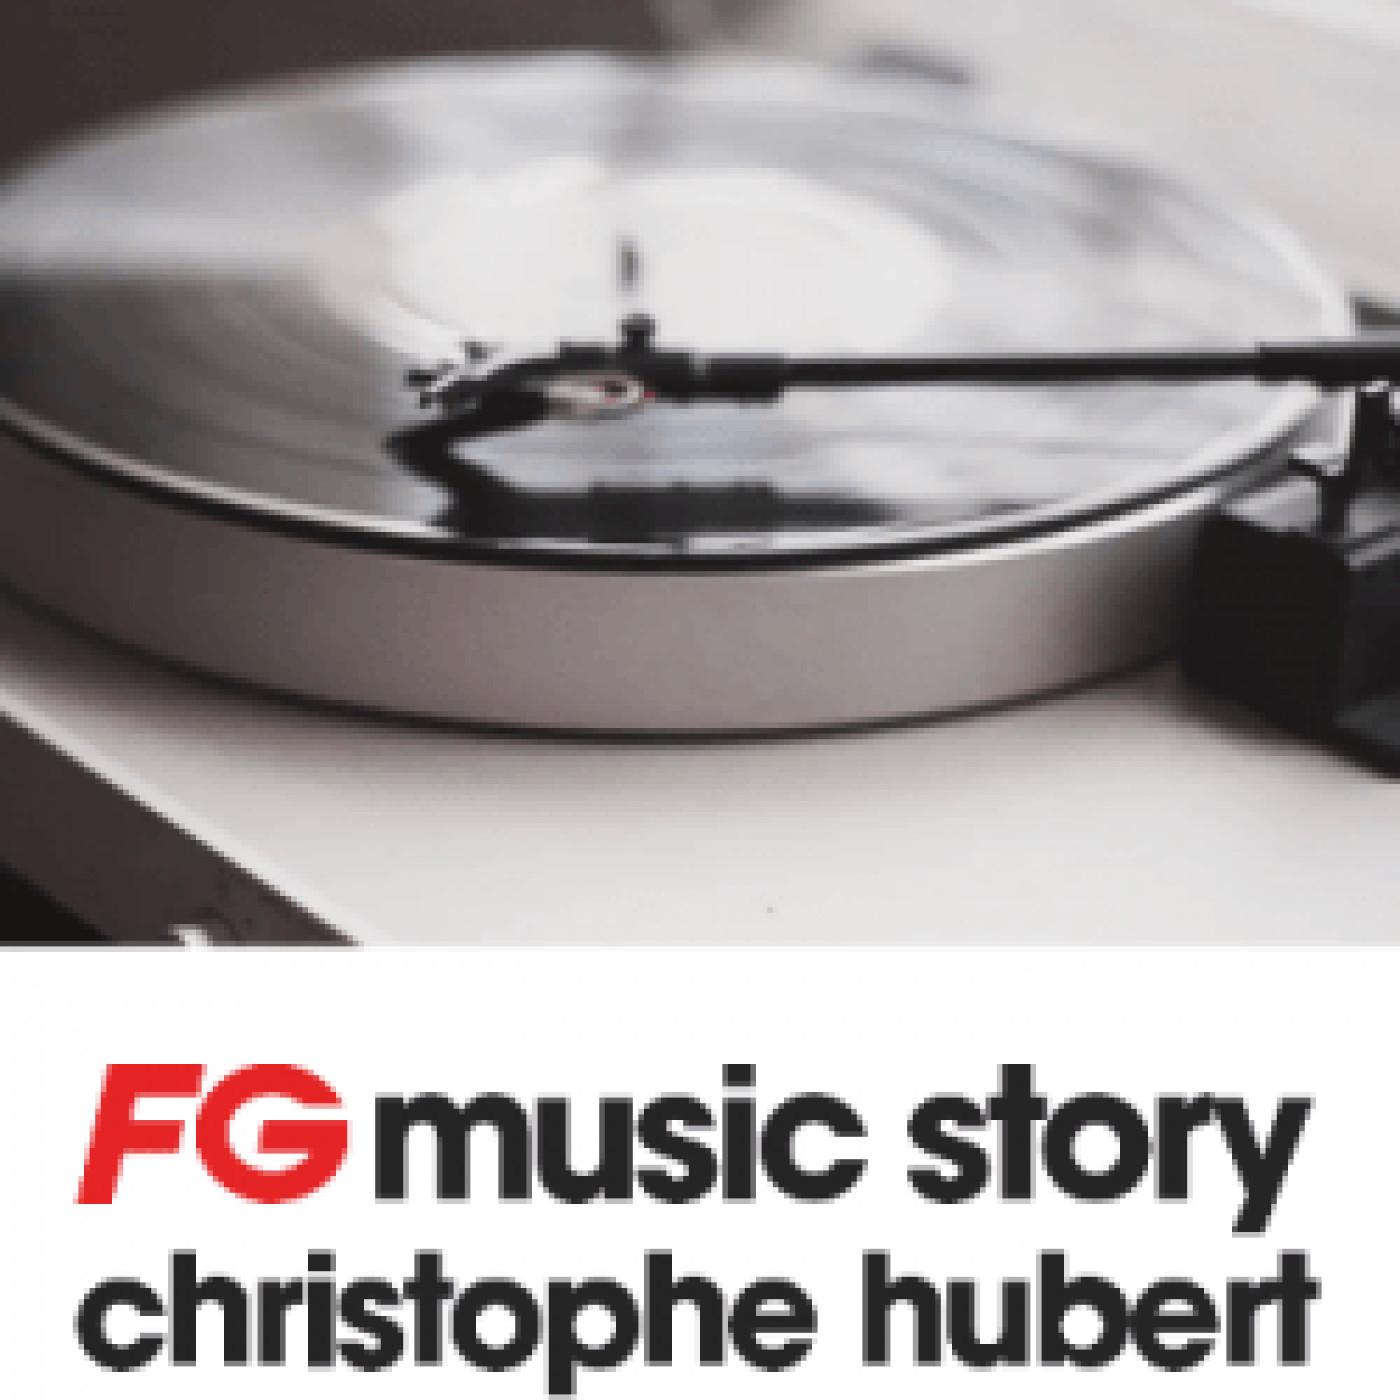 FG MUSIC STORY : JOCELYN BROWN